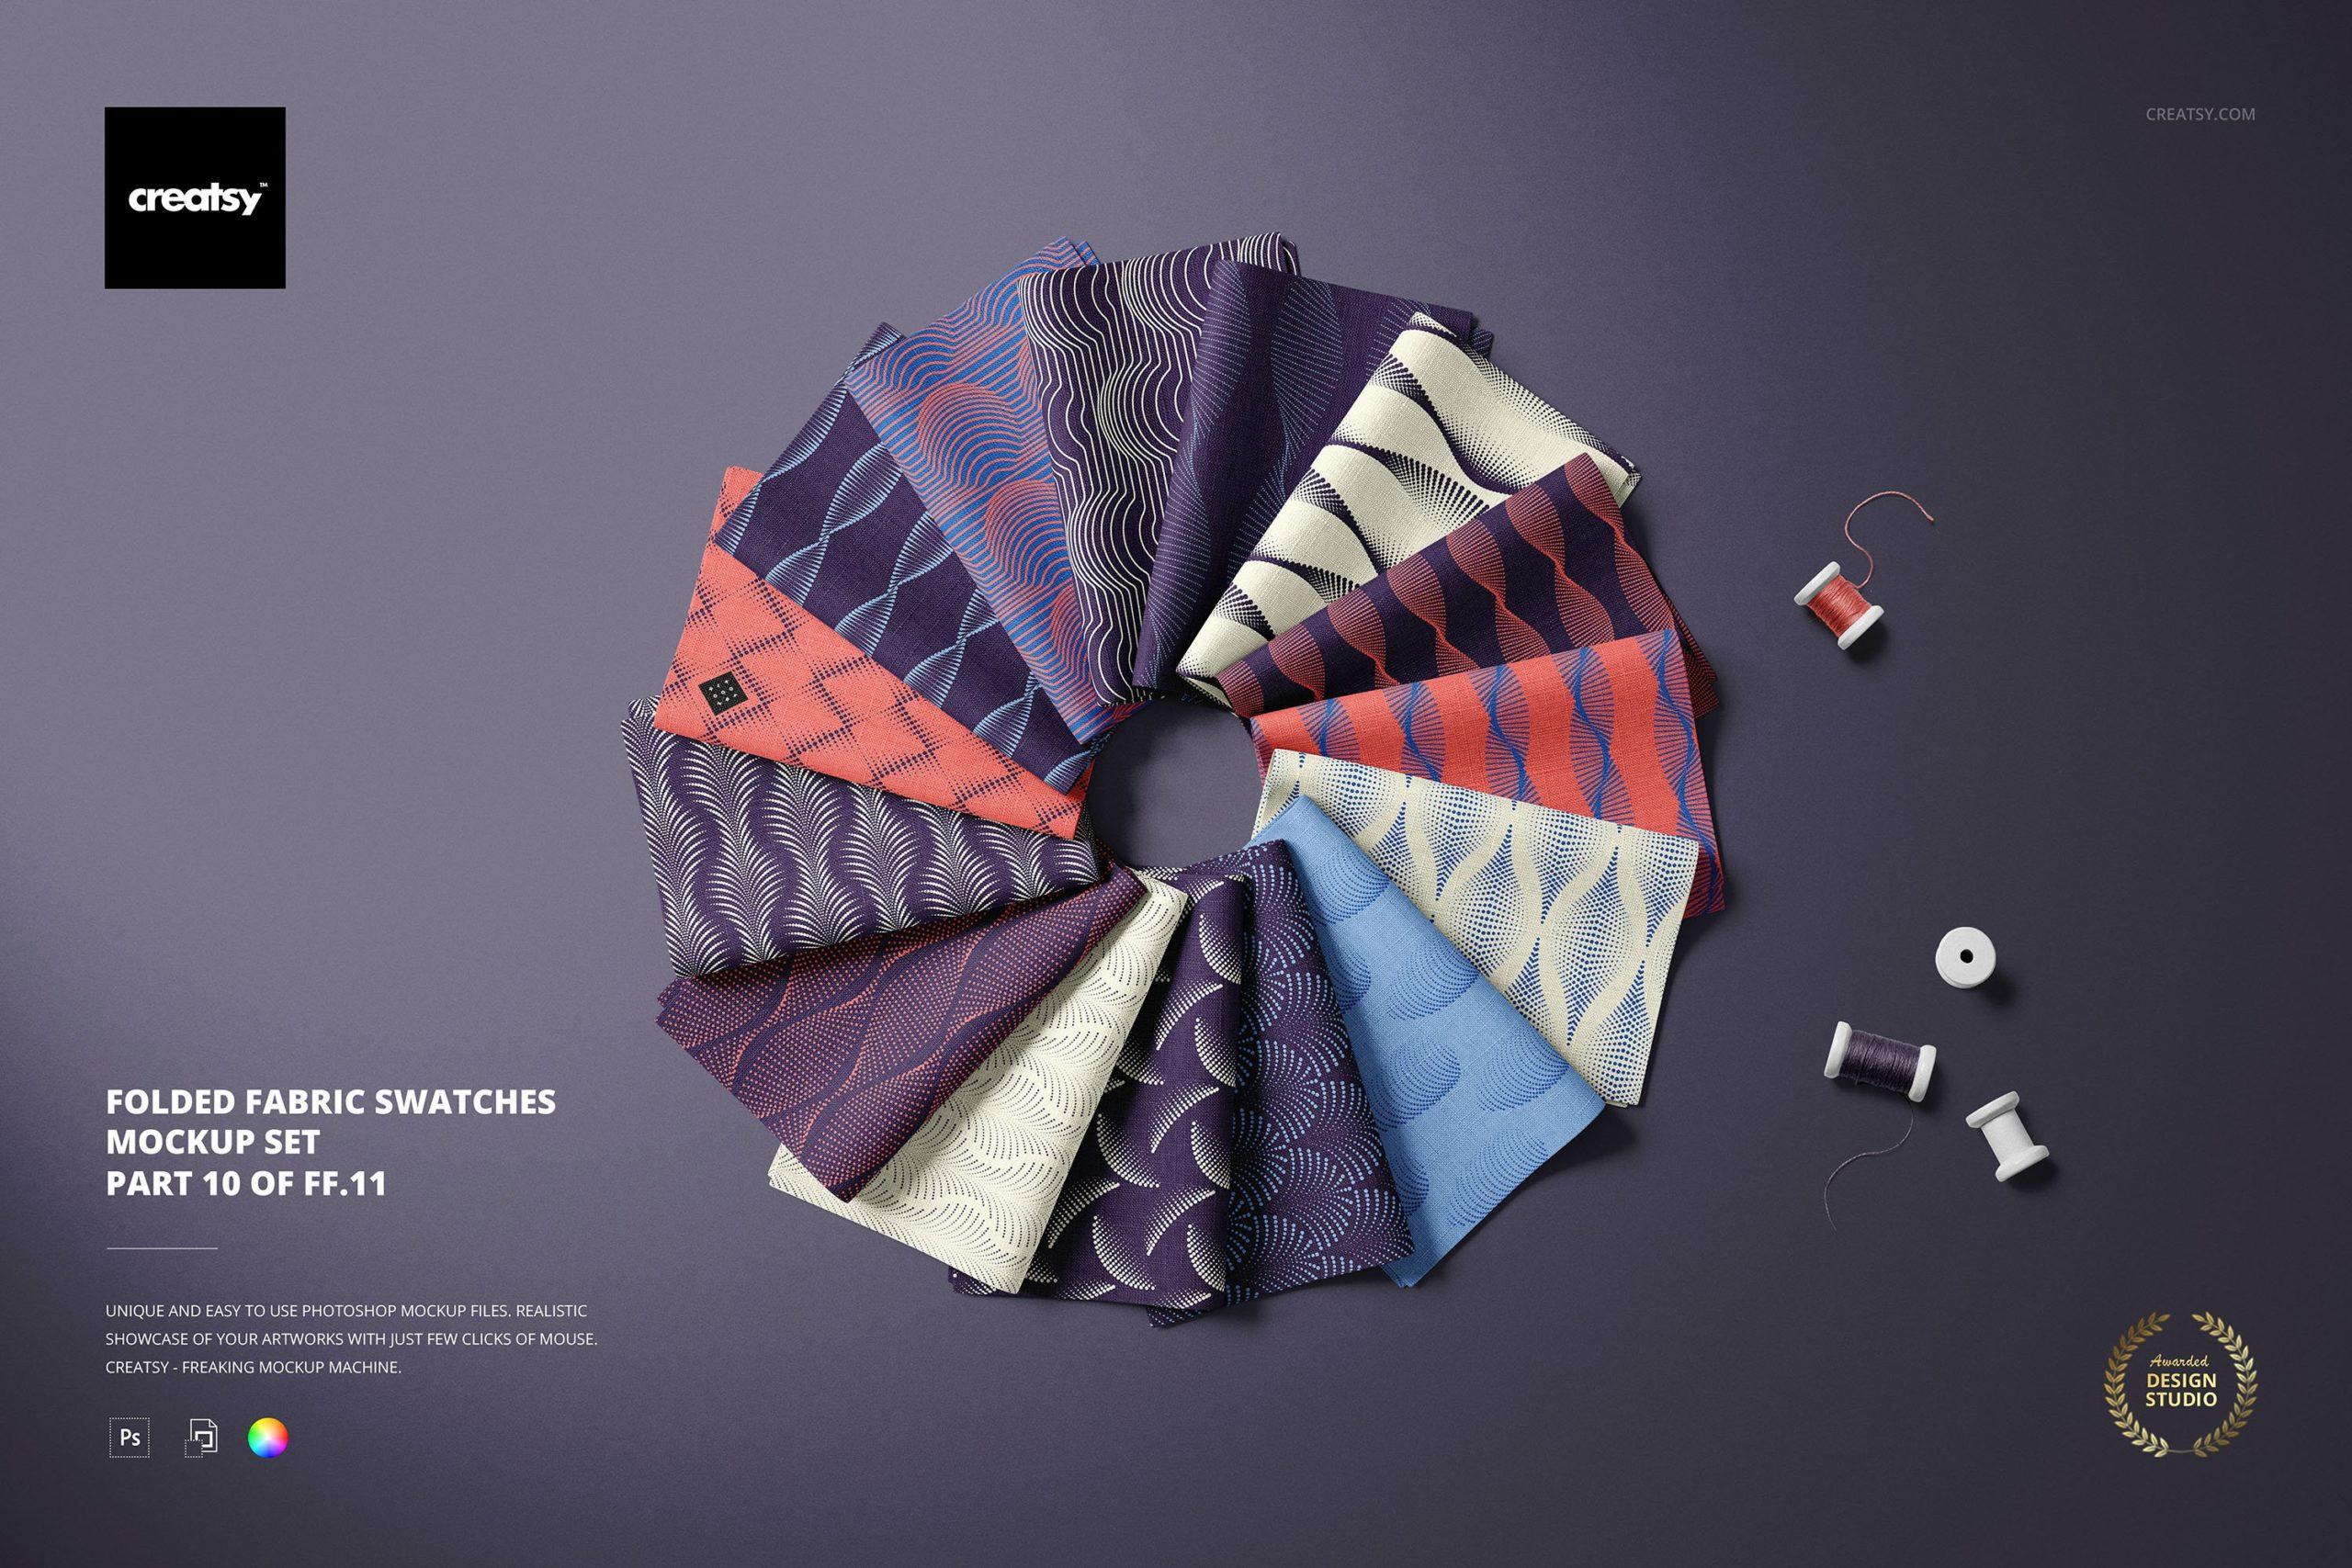 时尚折叠式绸缎面料印花图案设计贴图样机合集 Folded Fabric Swatches Mockup Set插图